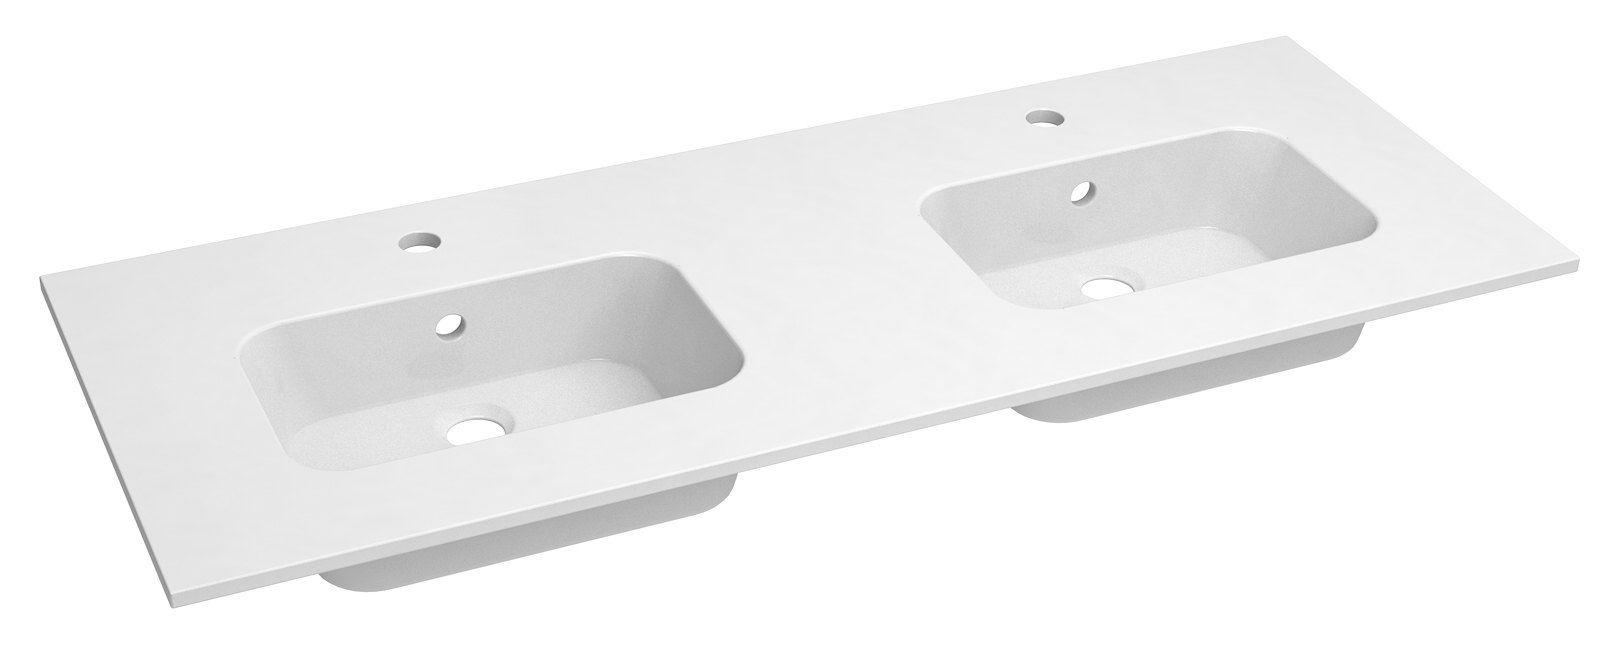 Bad - Doppelwaschbecken Dhule 18, Farbe: Weiß – 10 x 121 x 46 cm (H x B x T)